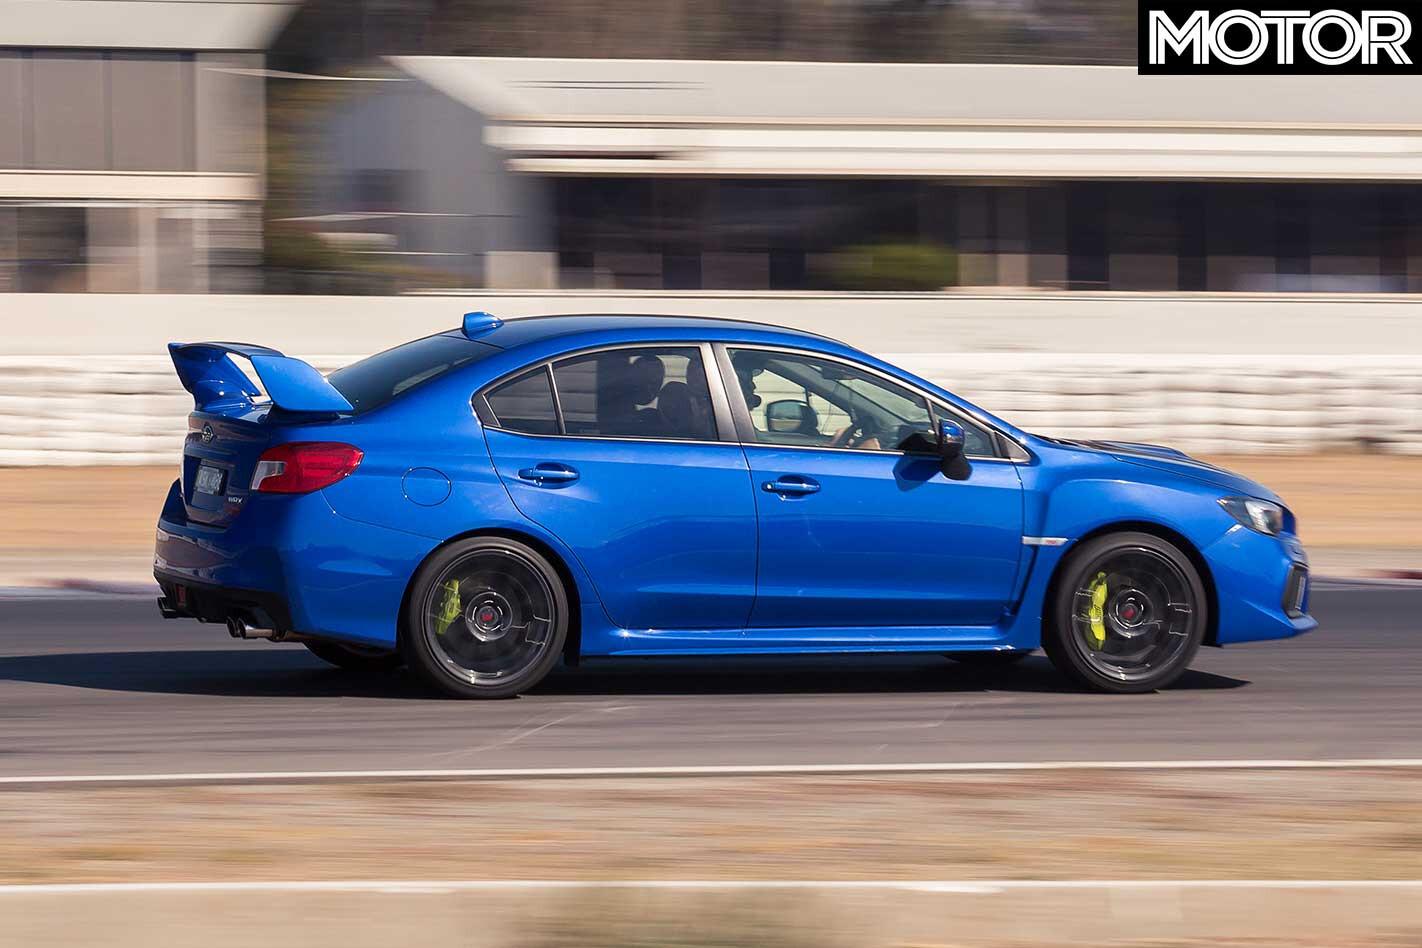 2018 Subaru WRX STI Profile Performance Jpg